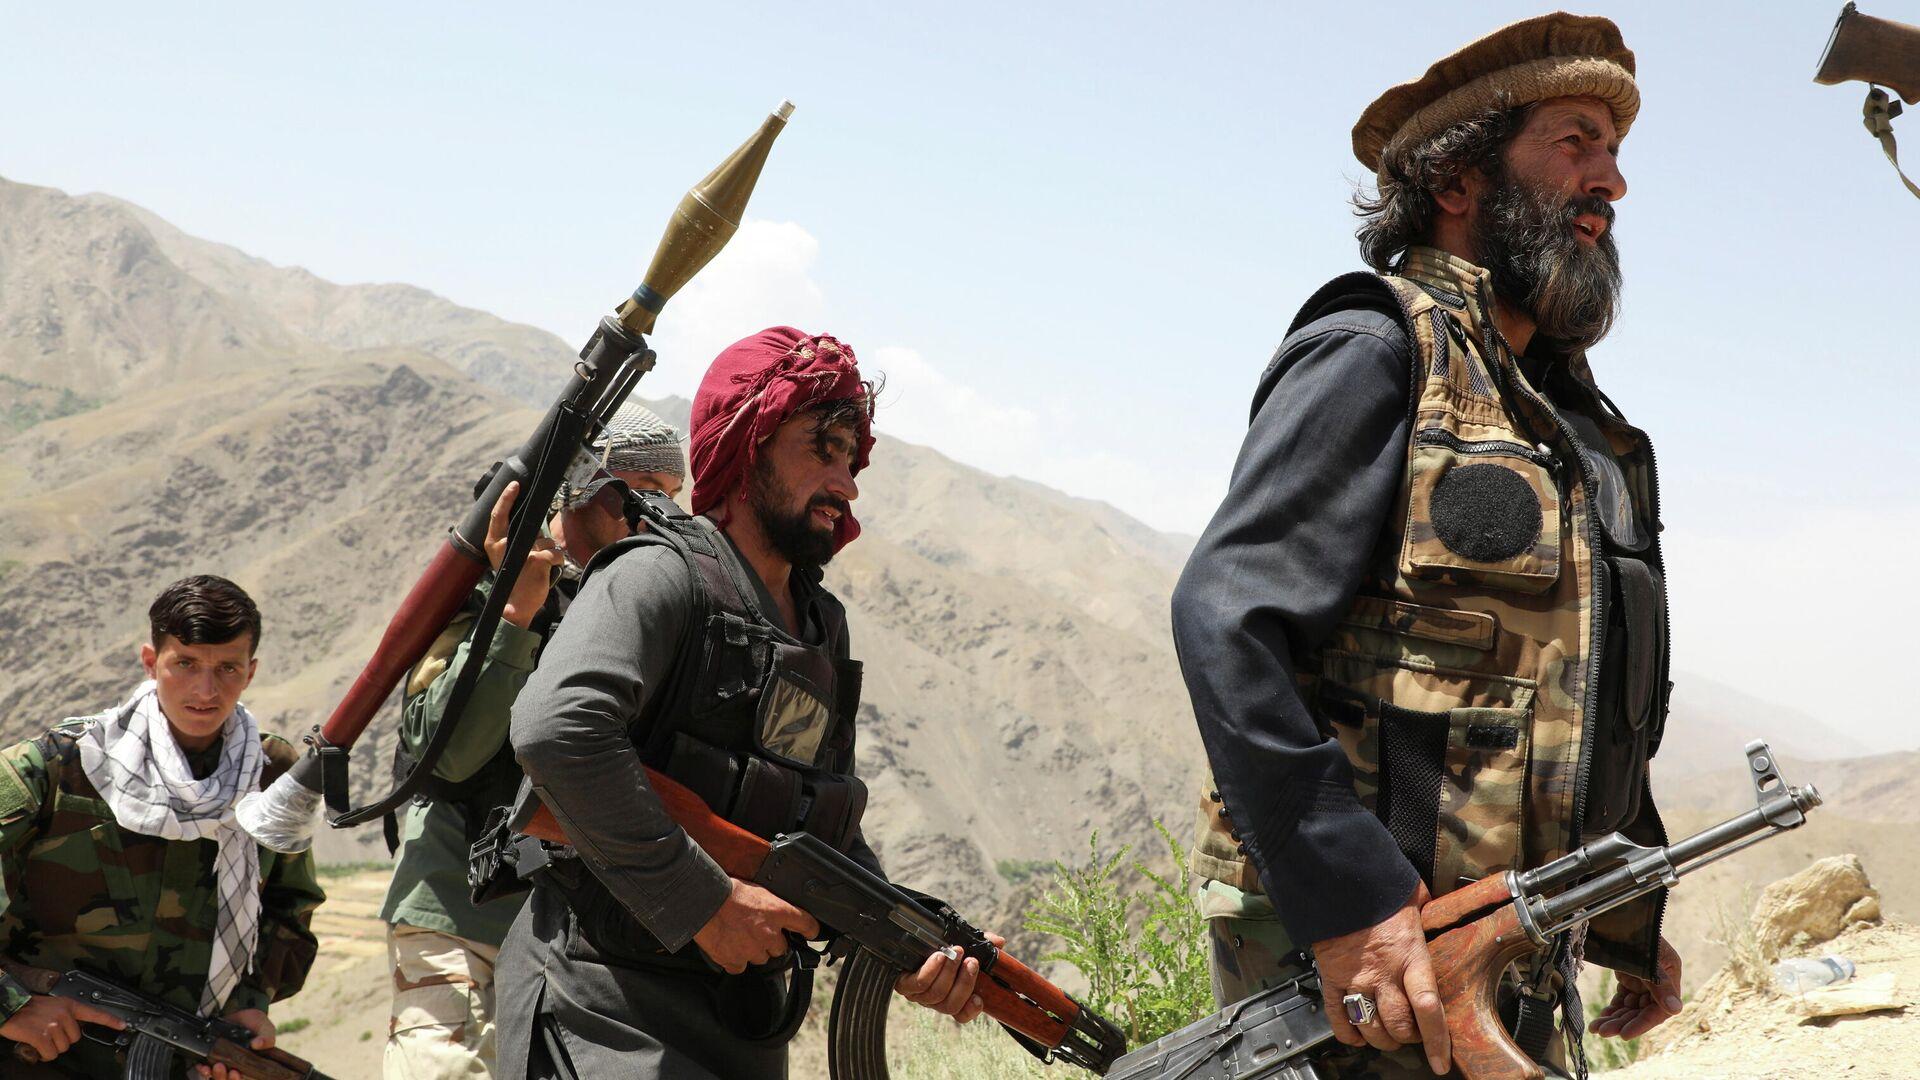 Hombres armados que están en contra de los talibanes caminan por el territorio de su puesto de control en el distrito de Ghorband, provincia de Parwan, Afganistán, el 29 de junio de 2021.  - Sputnik Mundo, 1920, 06.08.2021